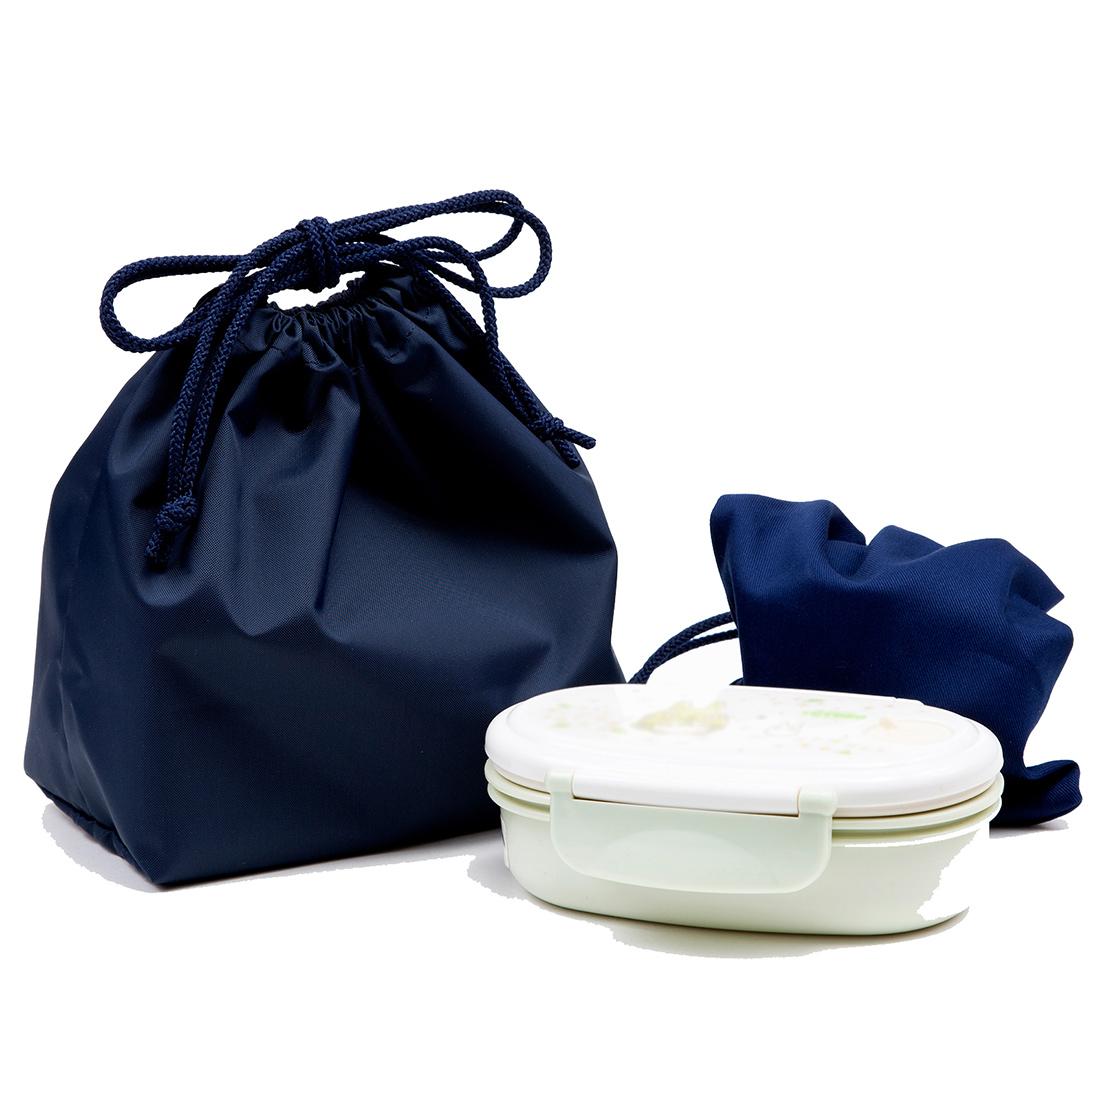 制菌・抗菌防臭 衛生紺色無地お弁当袋 バイオライナー製